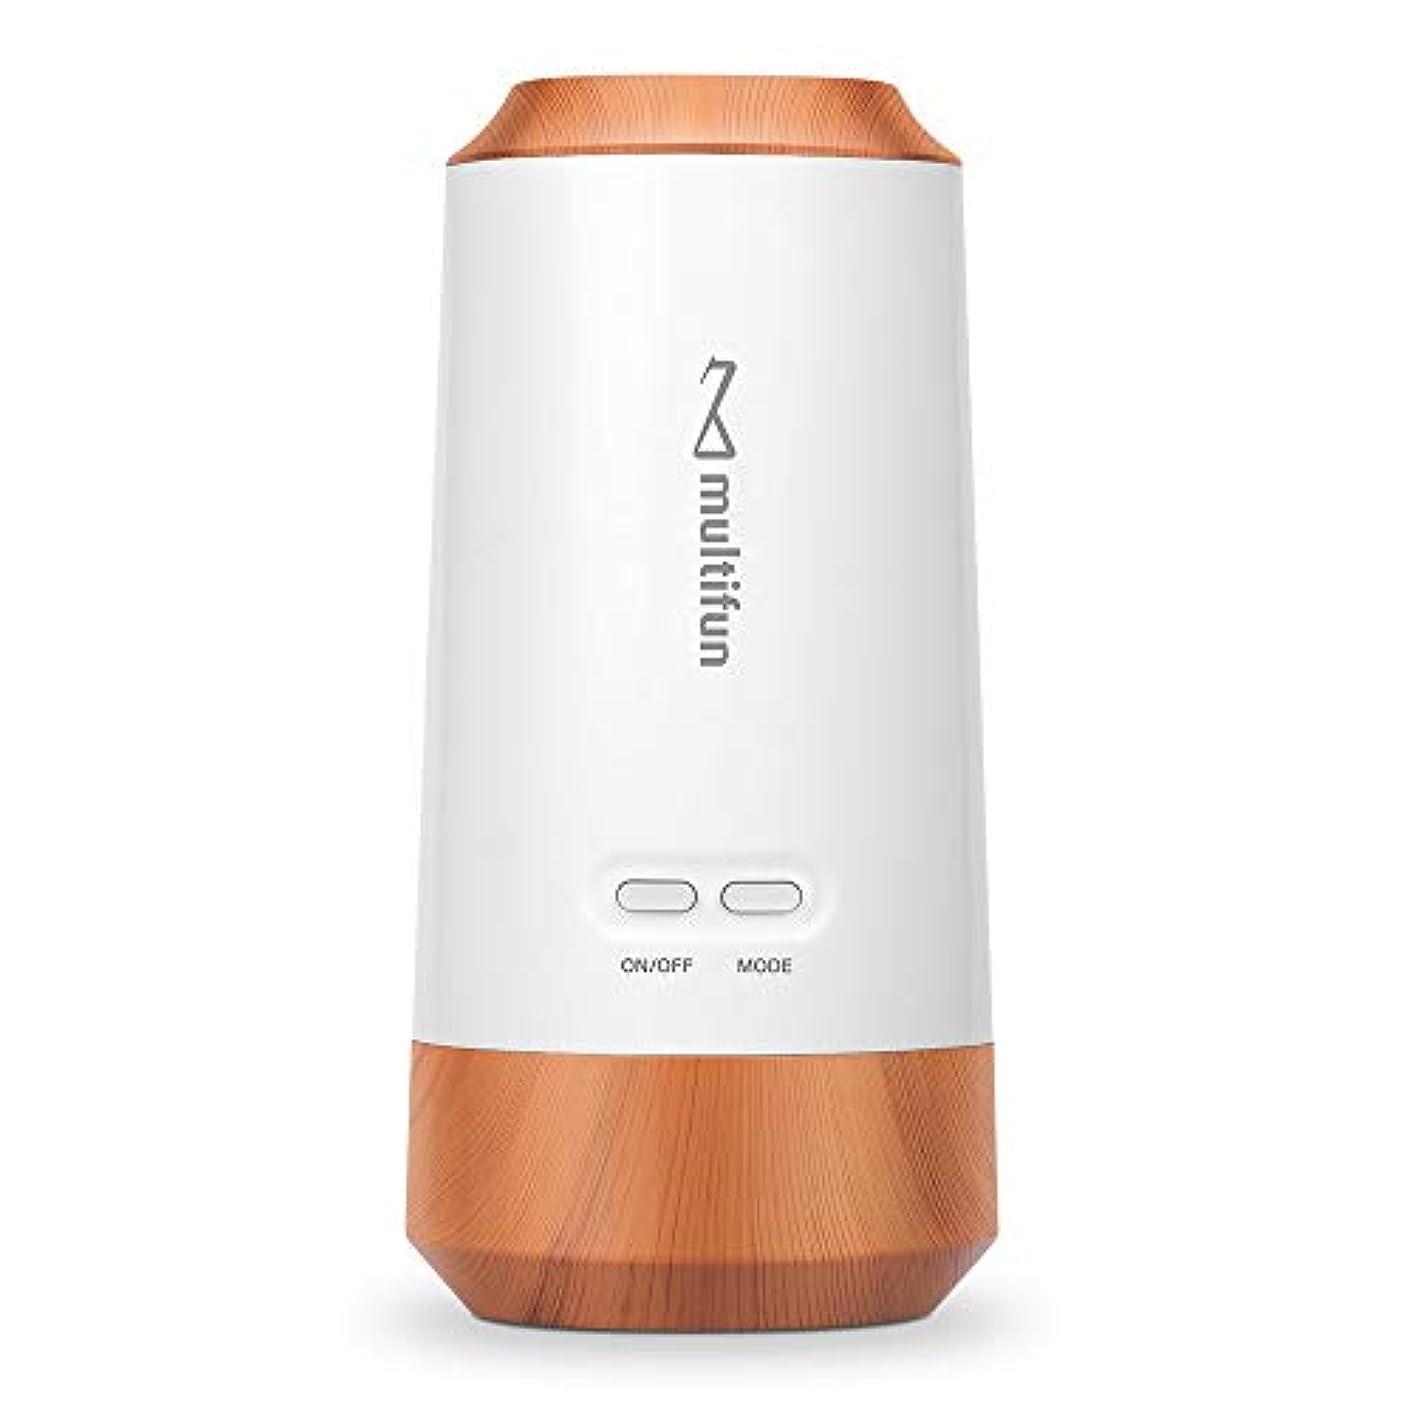 スクランブルクレジットお誕生日multifun アロマディフューザー ネブライザー式 気化式 車載用 コードレス 水を使わない 充電式 静音 車用 10mlアロマ320時間使える 精油瓶1個 スポイト付き 6畳~9畳まで